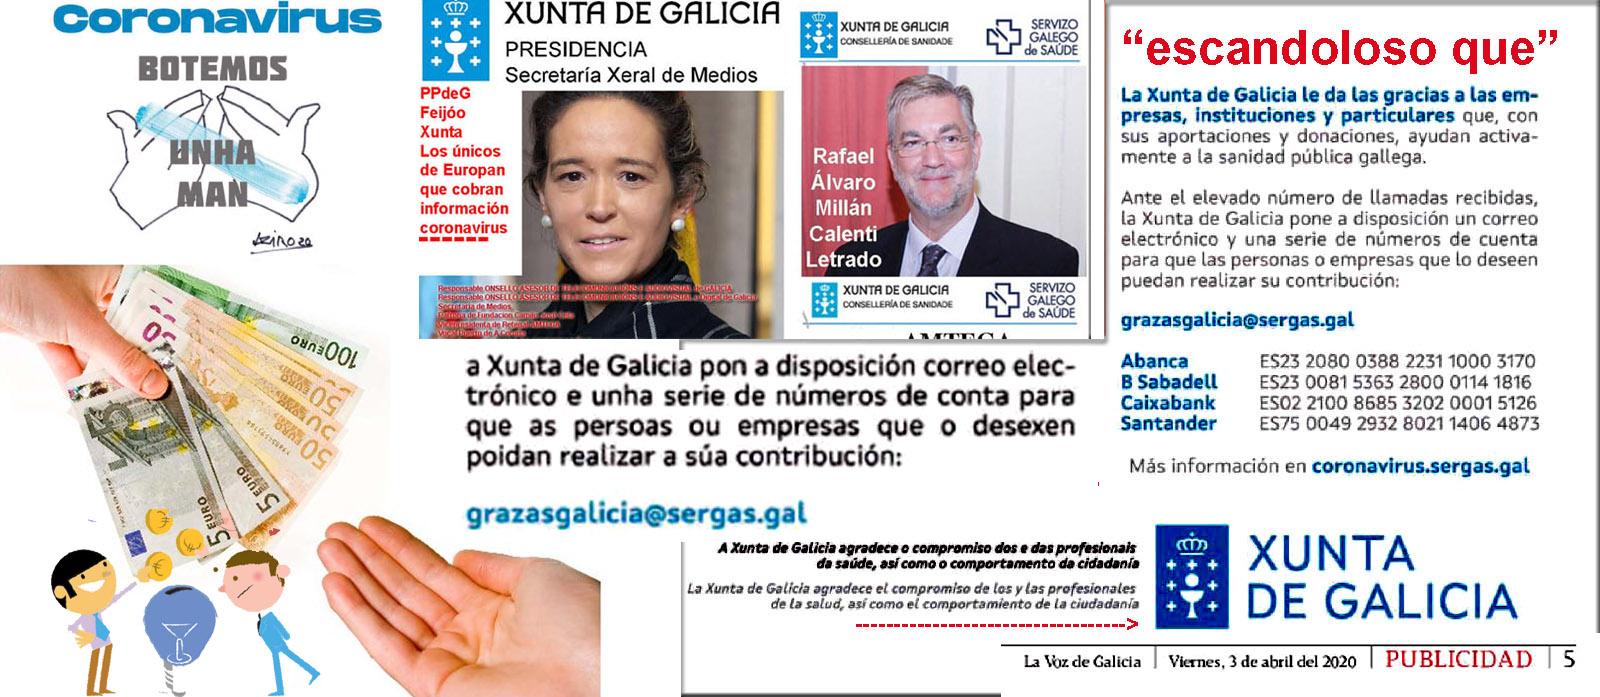 Pladesemapesga pide oficialmente a María del Mar Sánchez Sierra ...